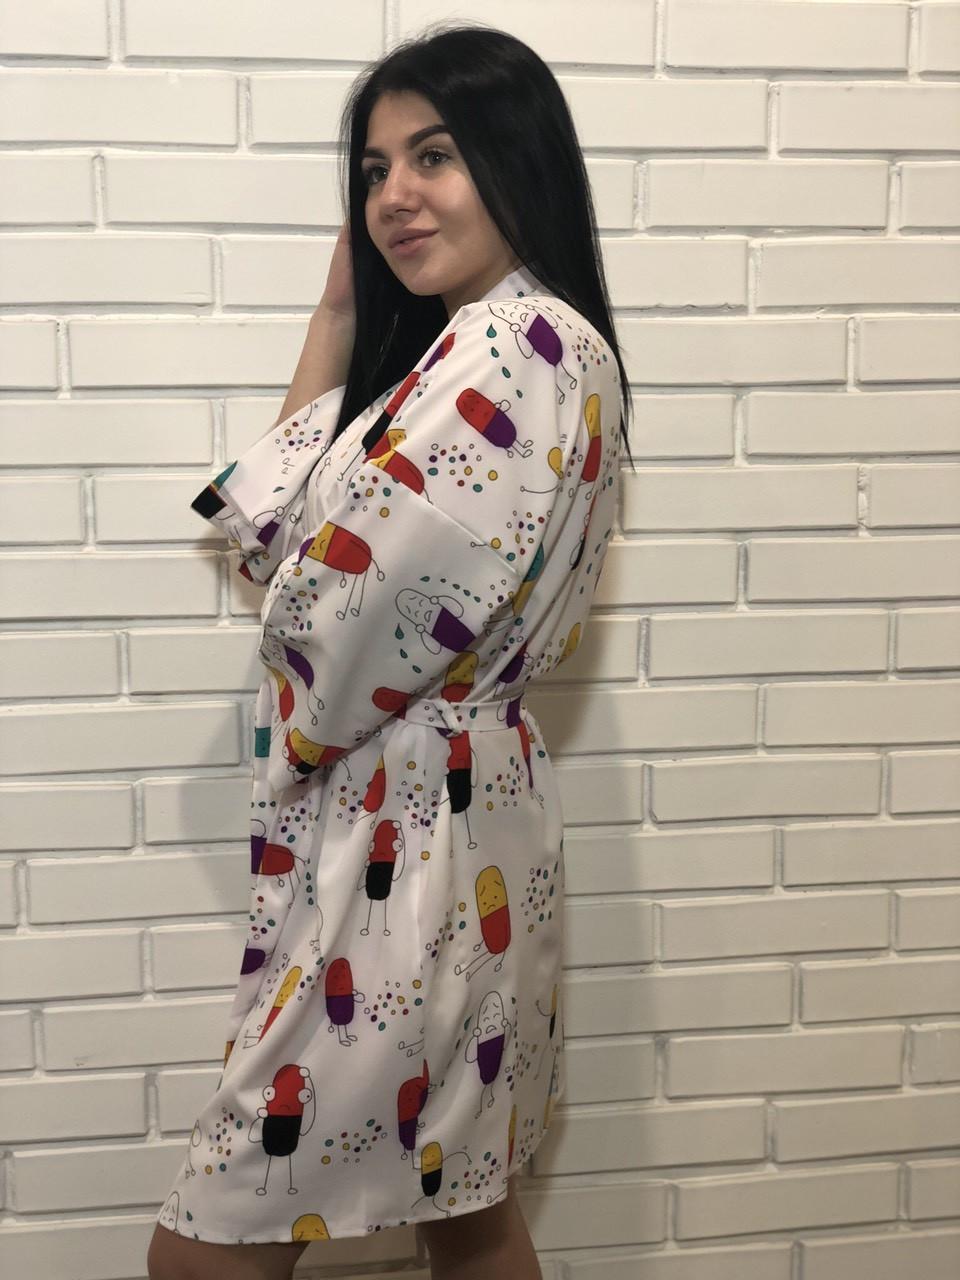 Домашний разноцветный женский халатик с веселыми картинками, ТМ Exclusive.